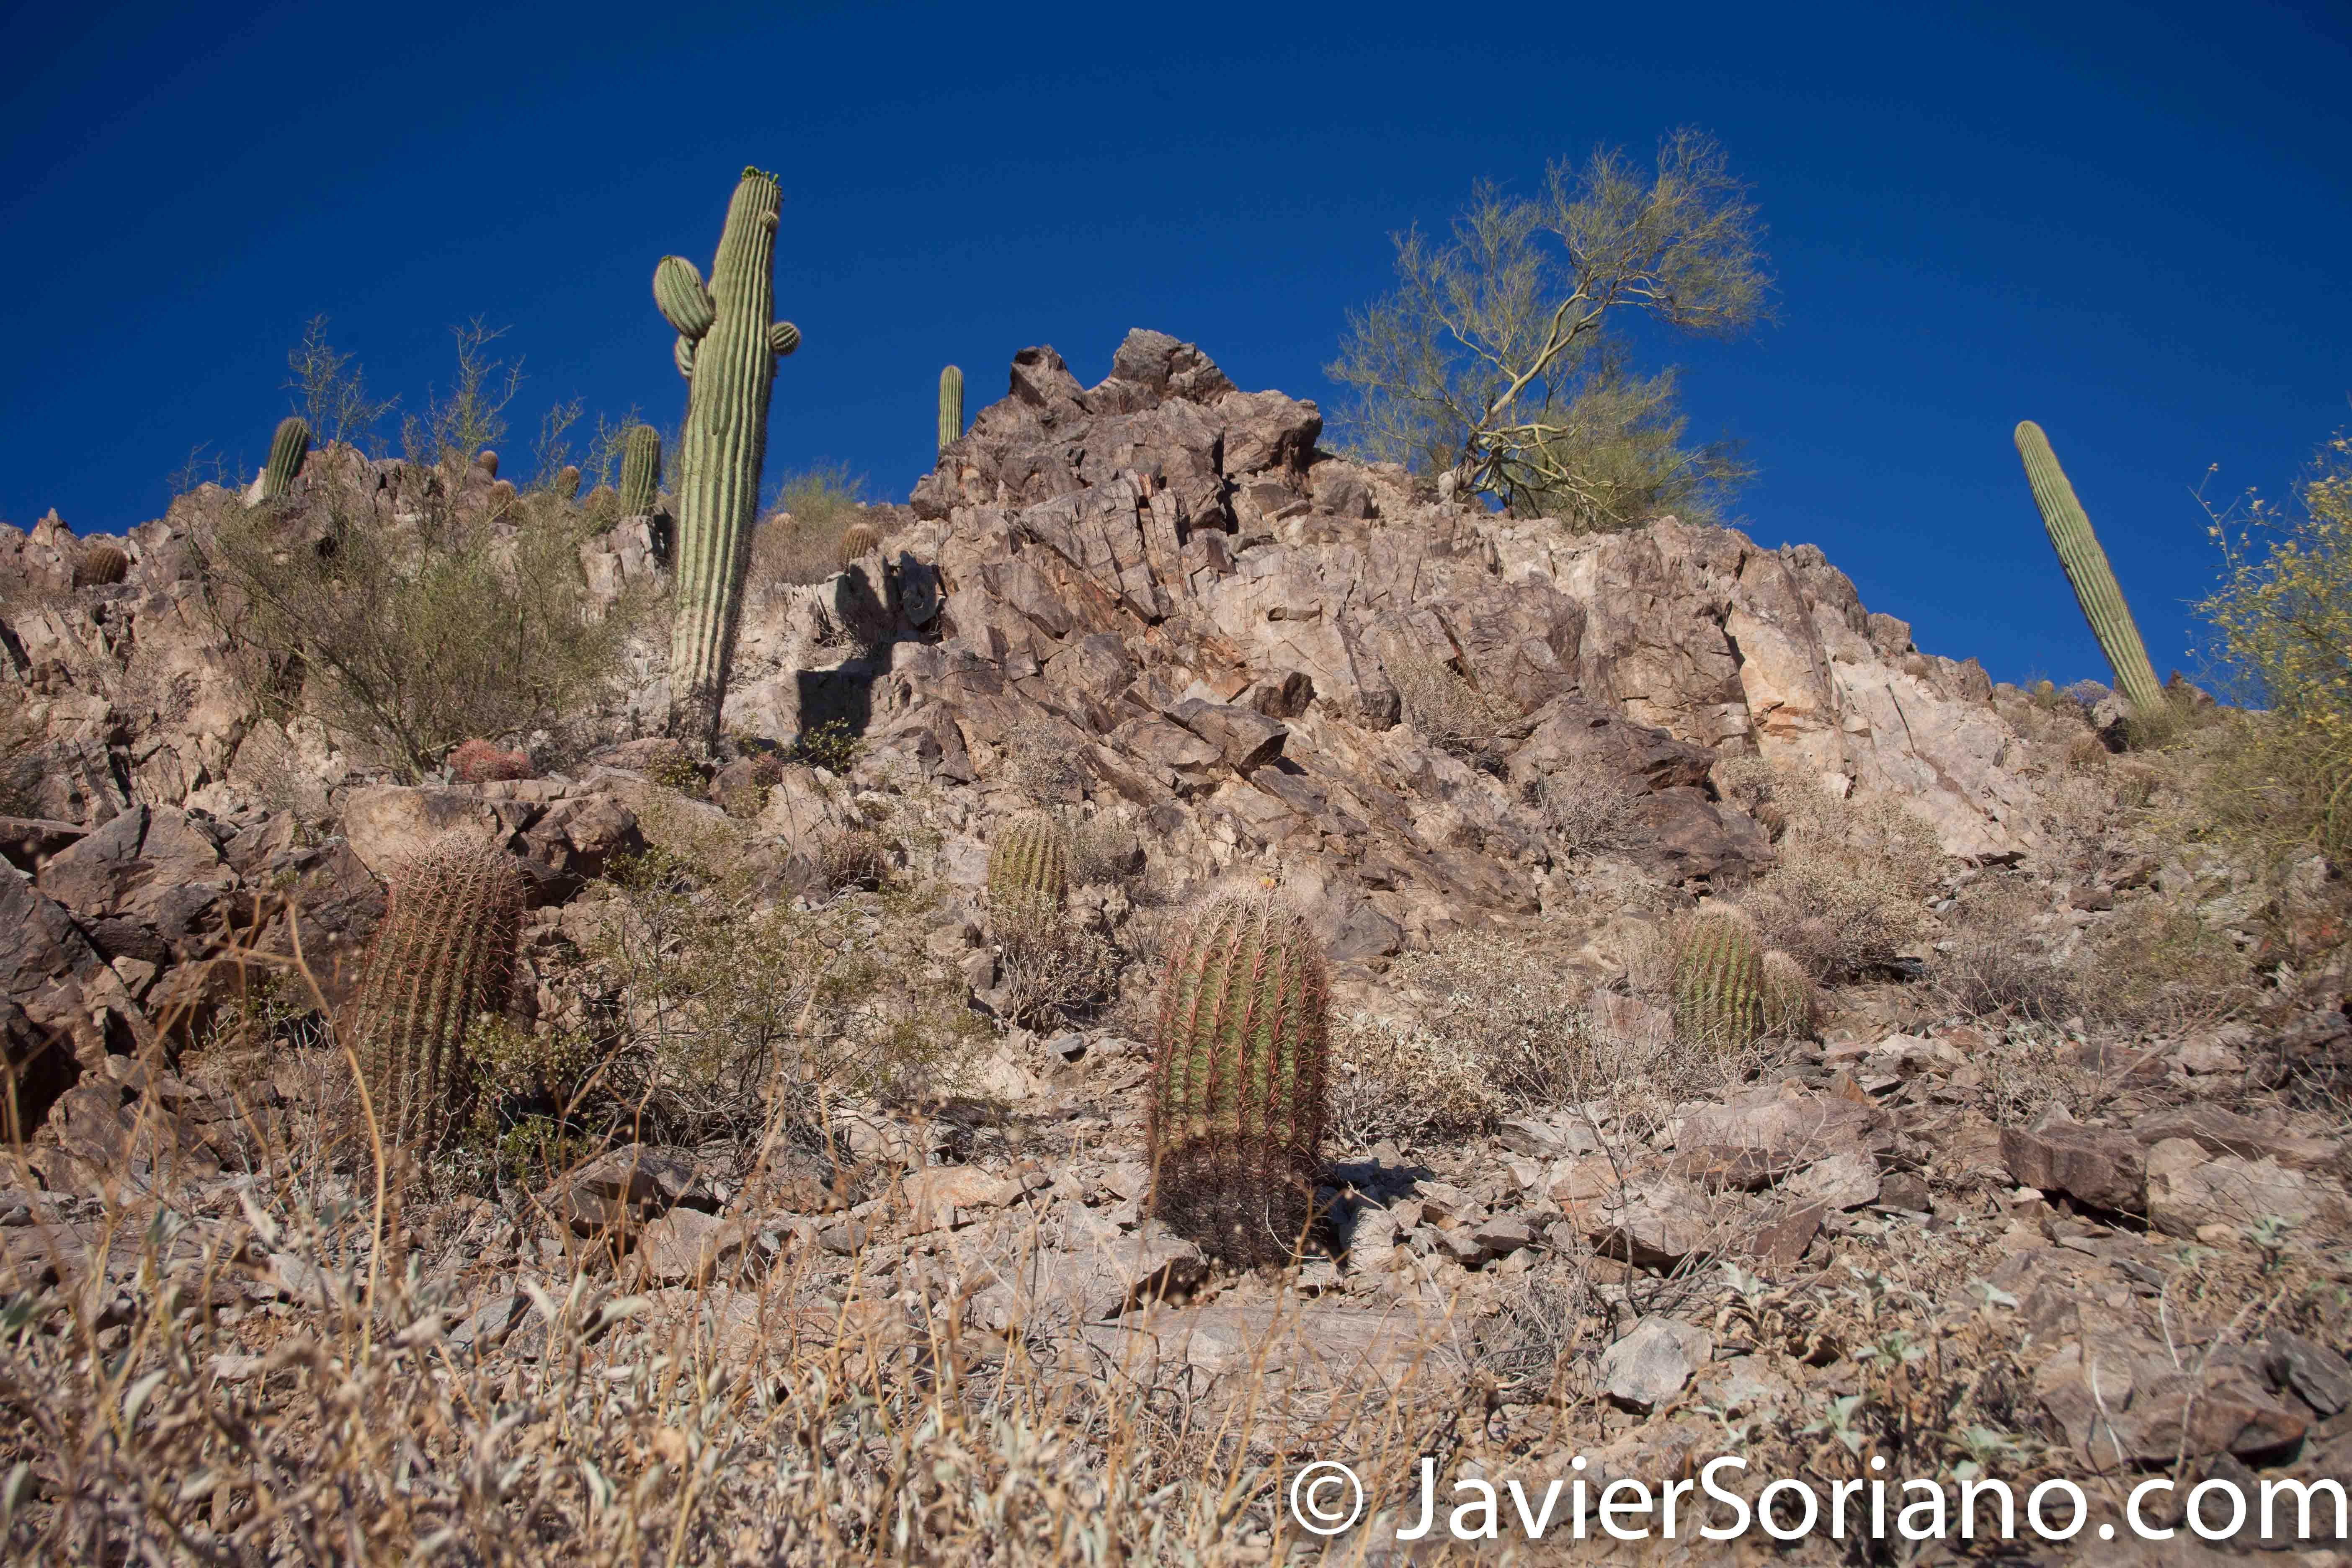 4/17/2016 Arizona's Desert. Photo by Javier Soriano/www.JavierSoriano.com